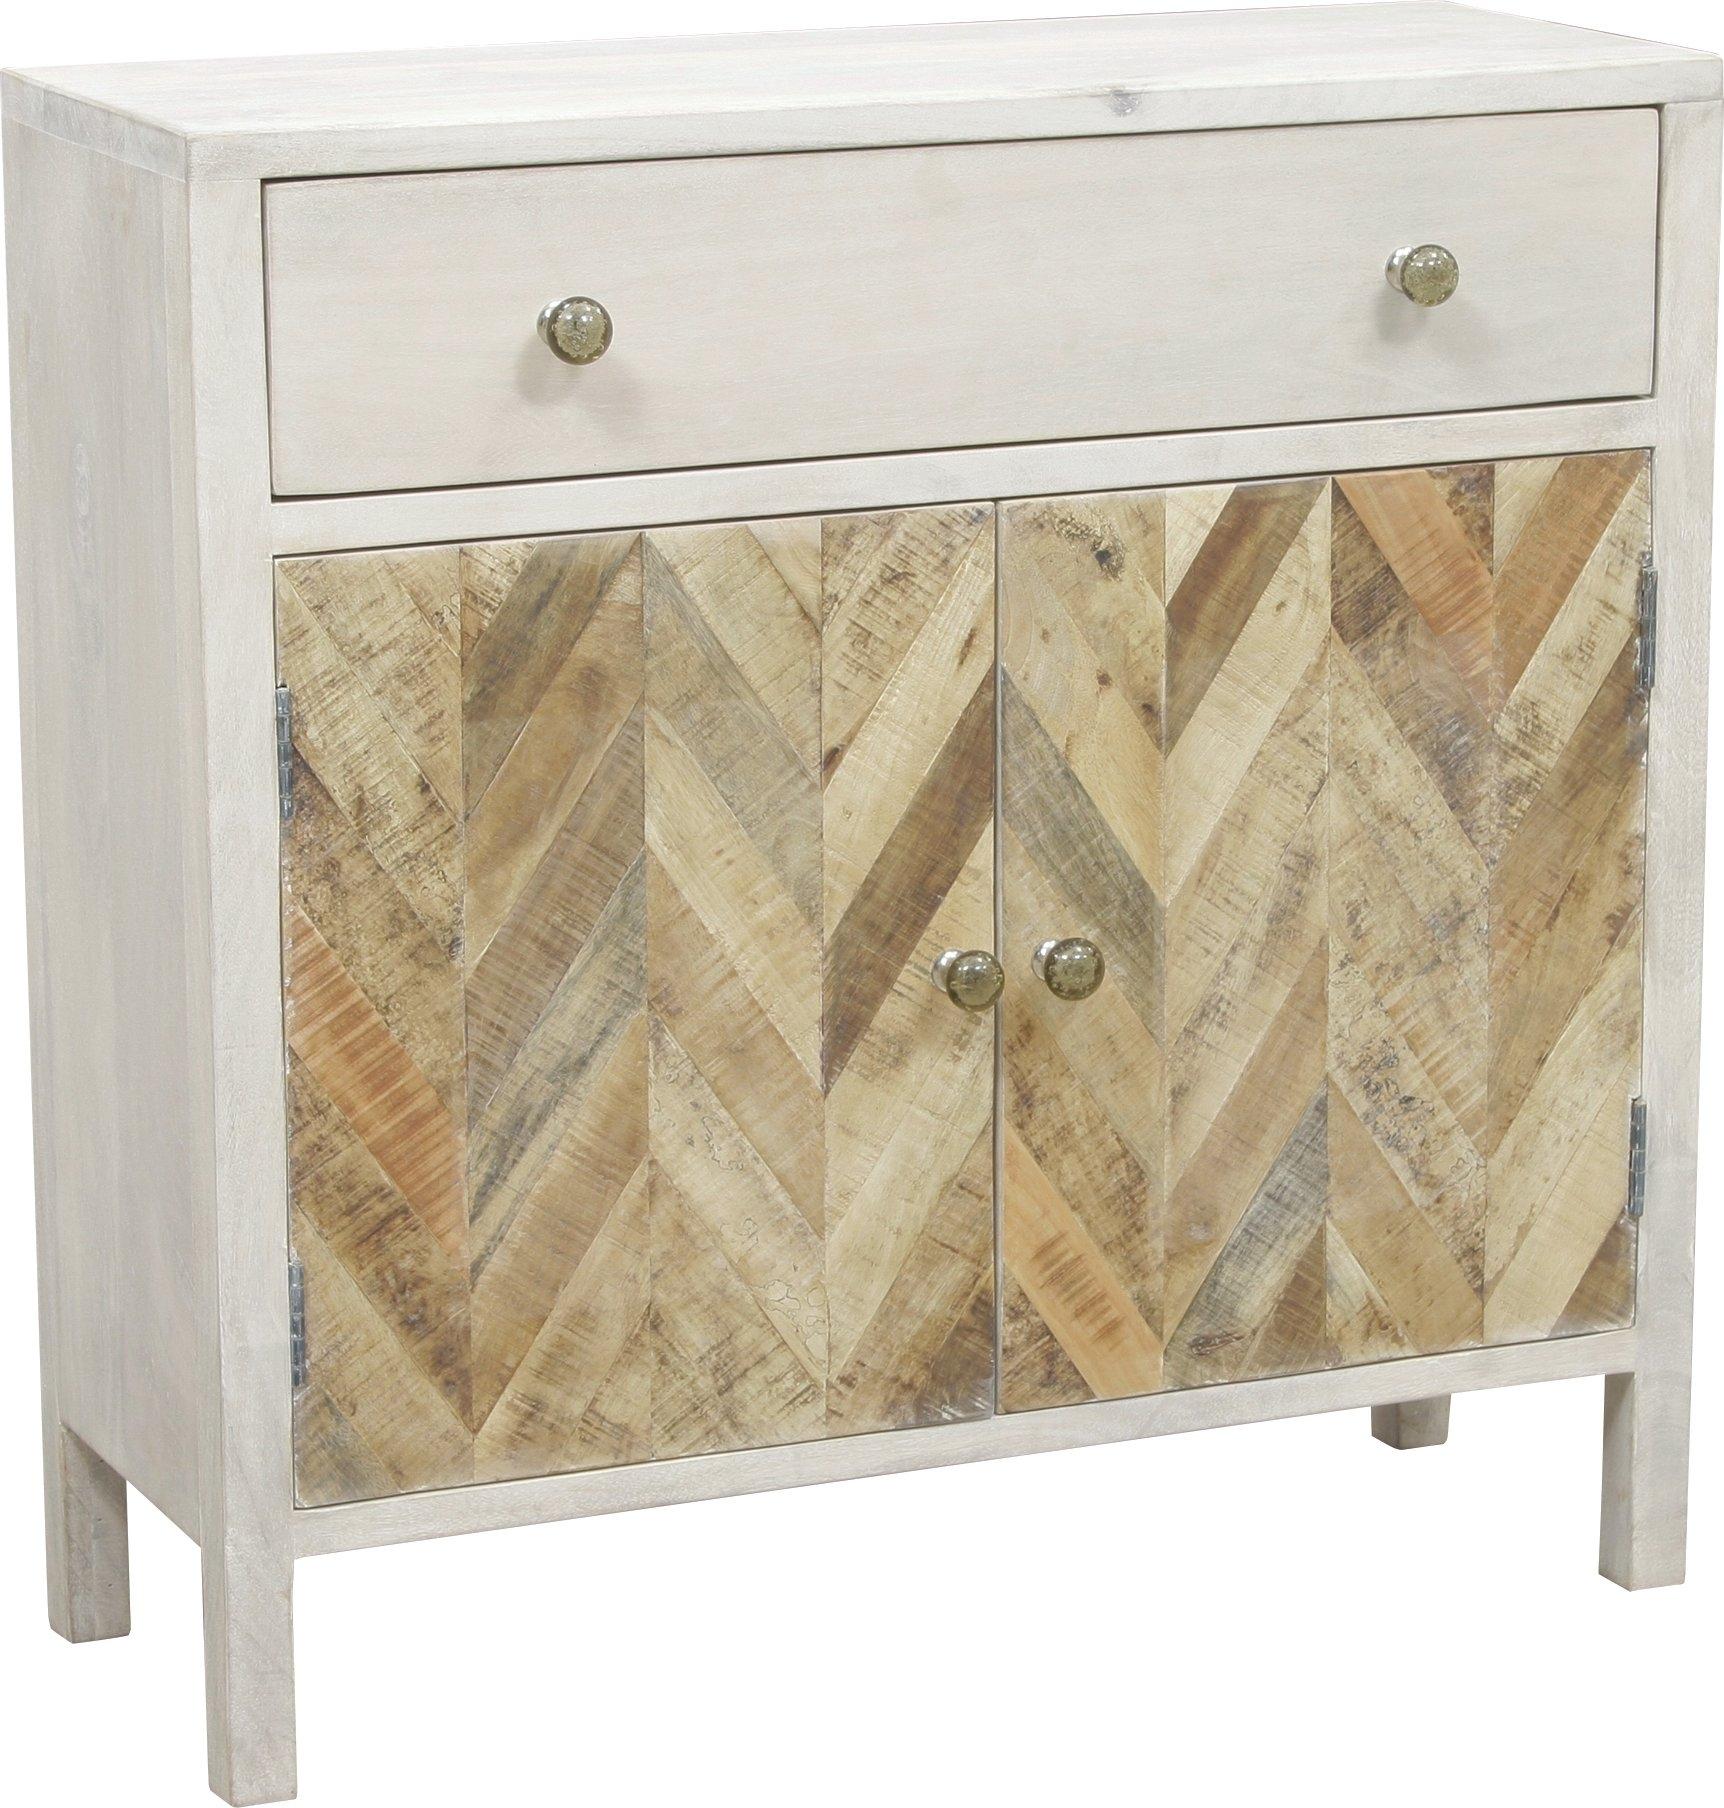 August Grove Islemade 1 Drawer 2 Door Cabinet   Wayfair regarding Burn Tan Finish 2-Door Sideboards (Image 2 of 30)